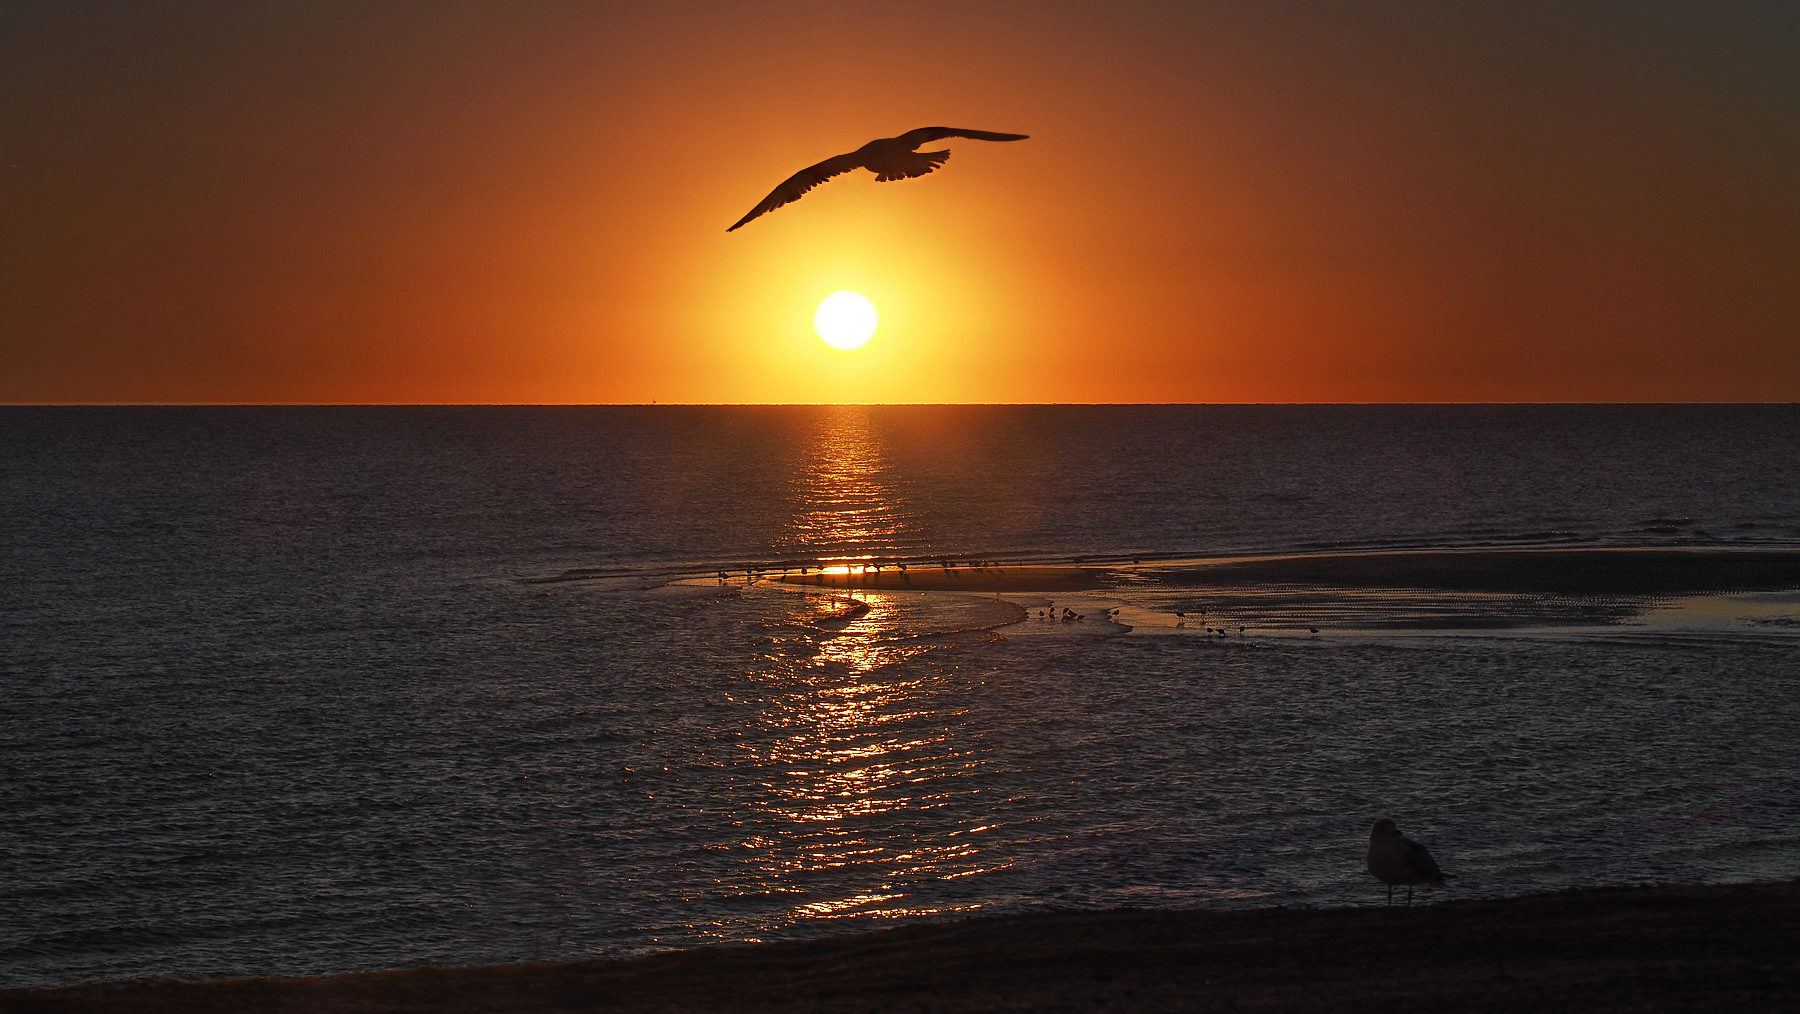 ...und weil's so schön ist: noch ein Sonnenaufgang